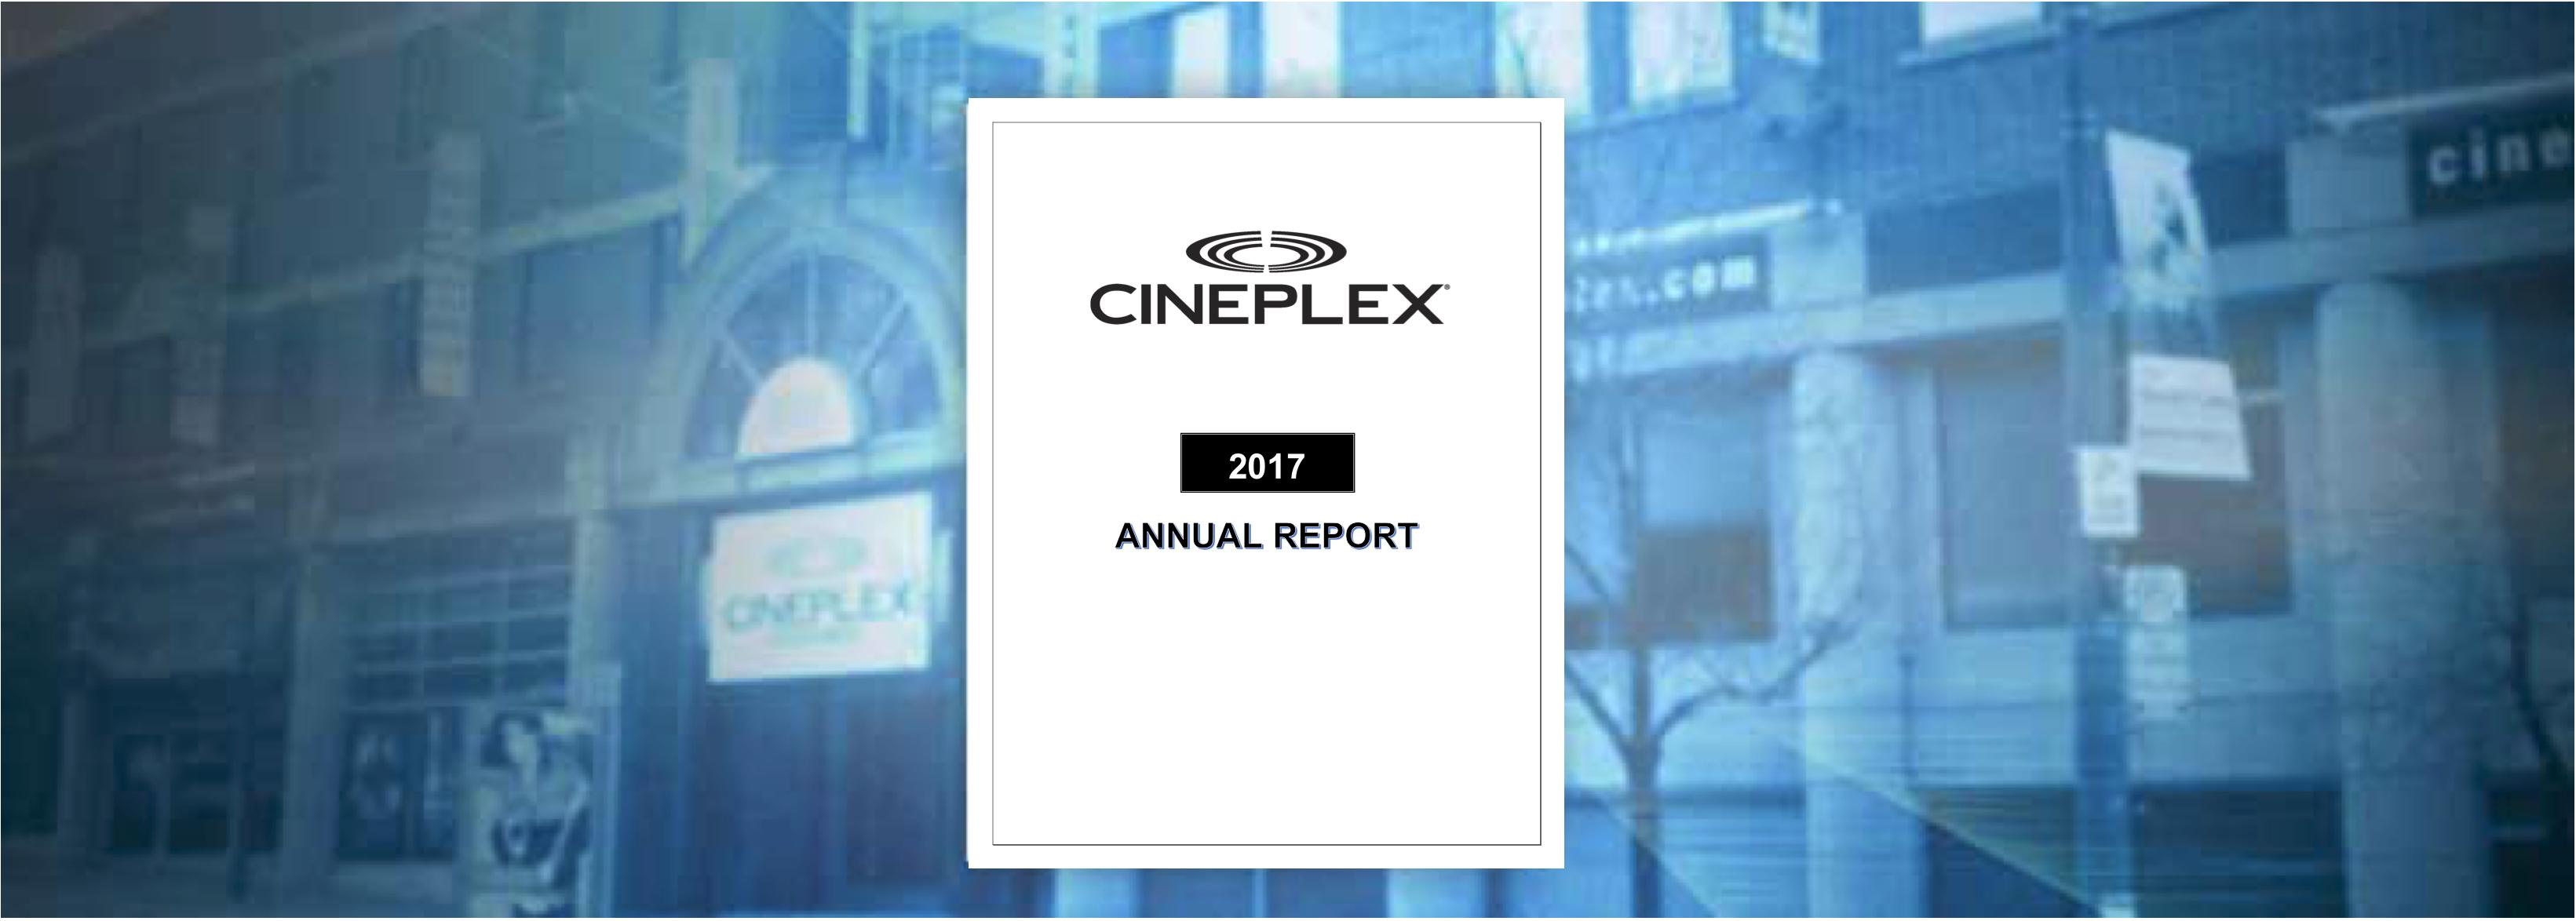 Cineplex 2017 Report